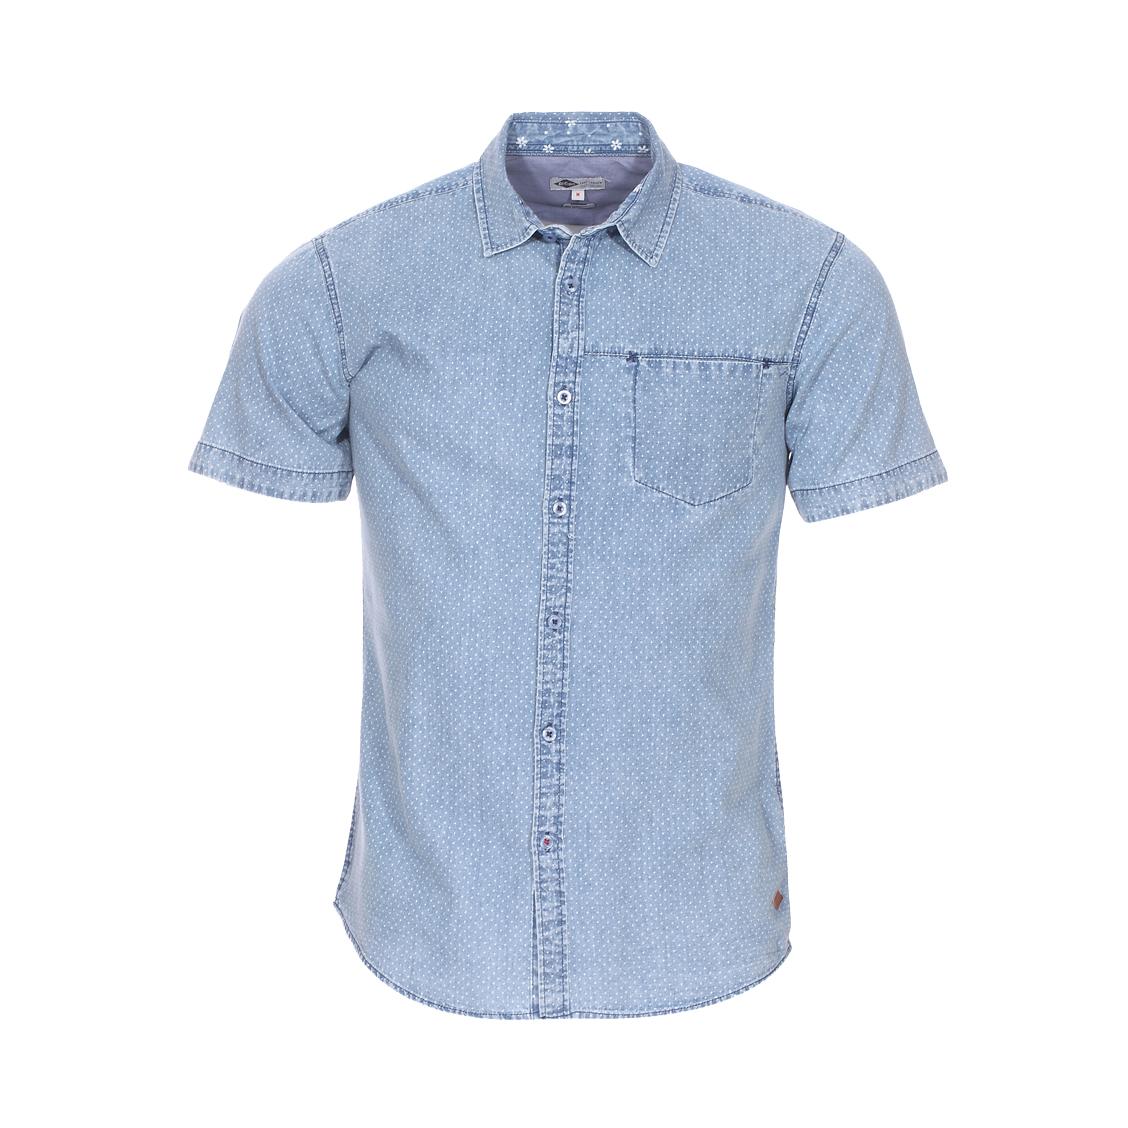 Chemise cintrée manches courtes Lee Cooper Dari en coton bleu denim à pois blancs